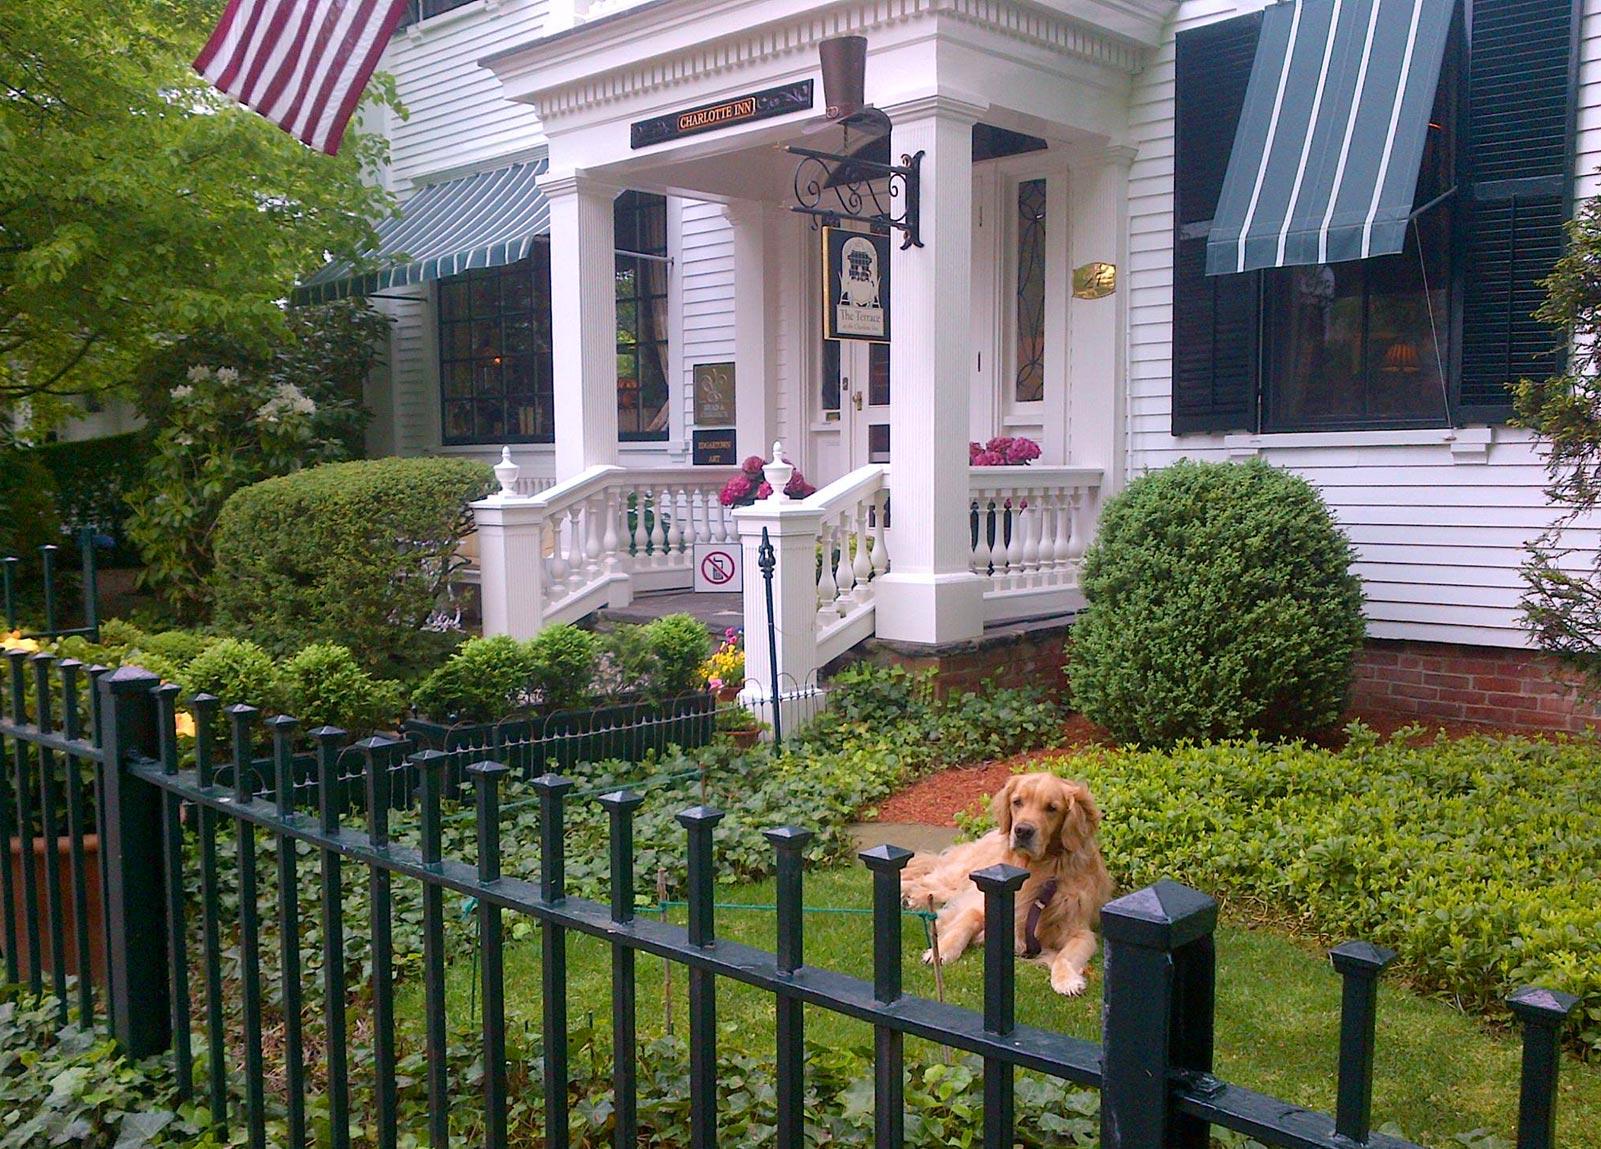 Martha S Vineyard Inns Edgartown Inns Oak Bluffs Inns